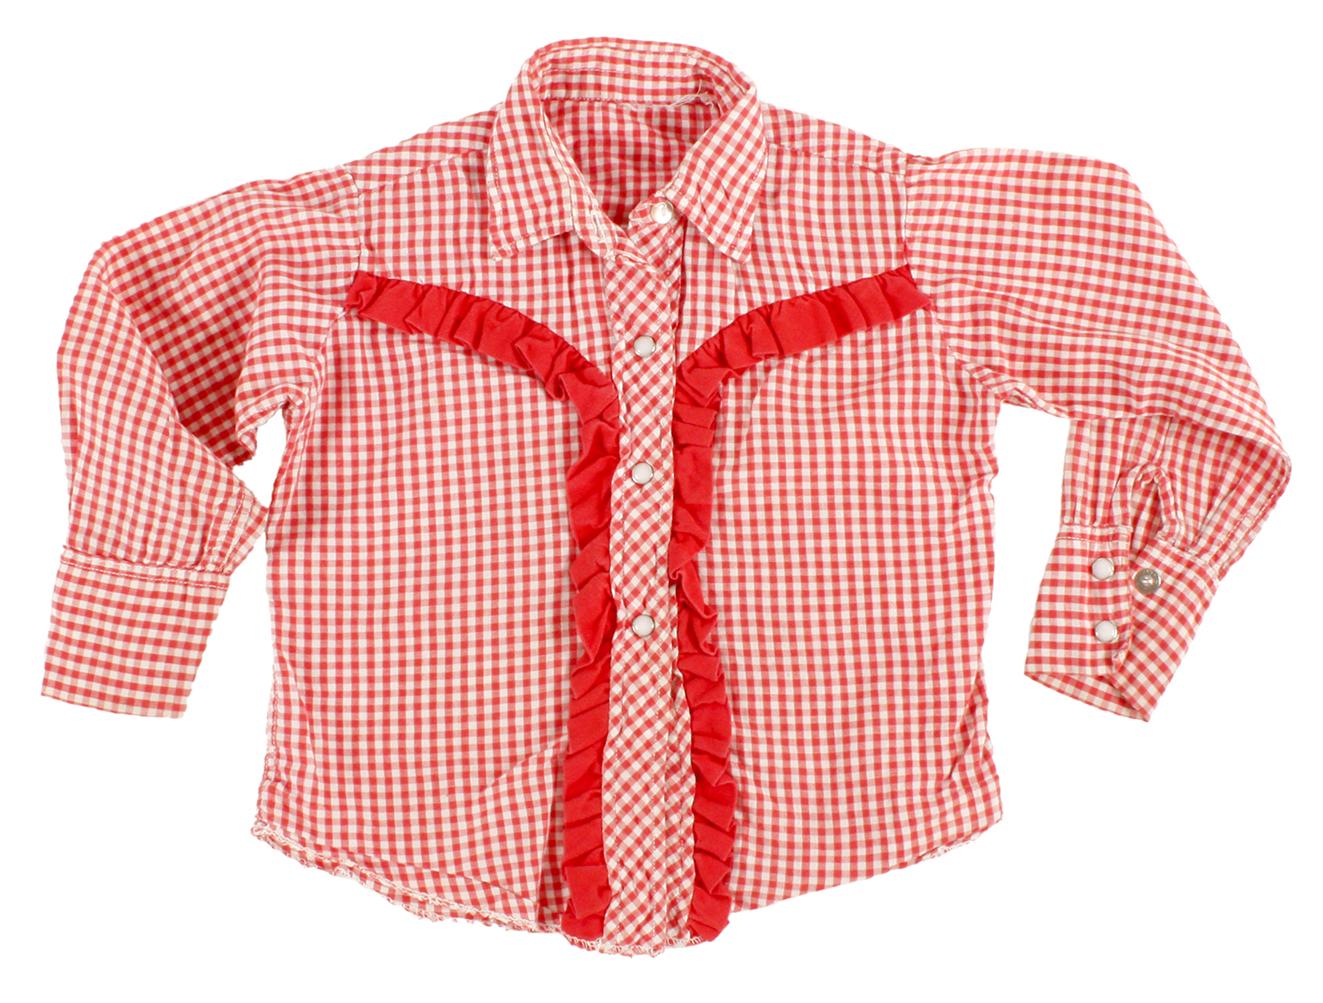 Kids Texan shirt